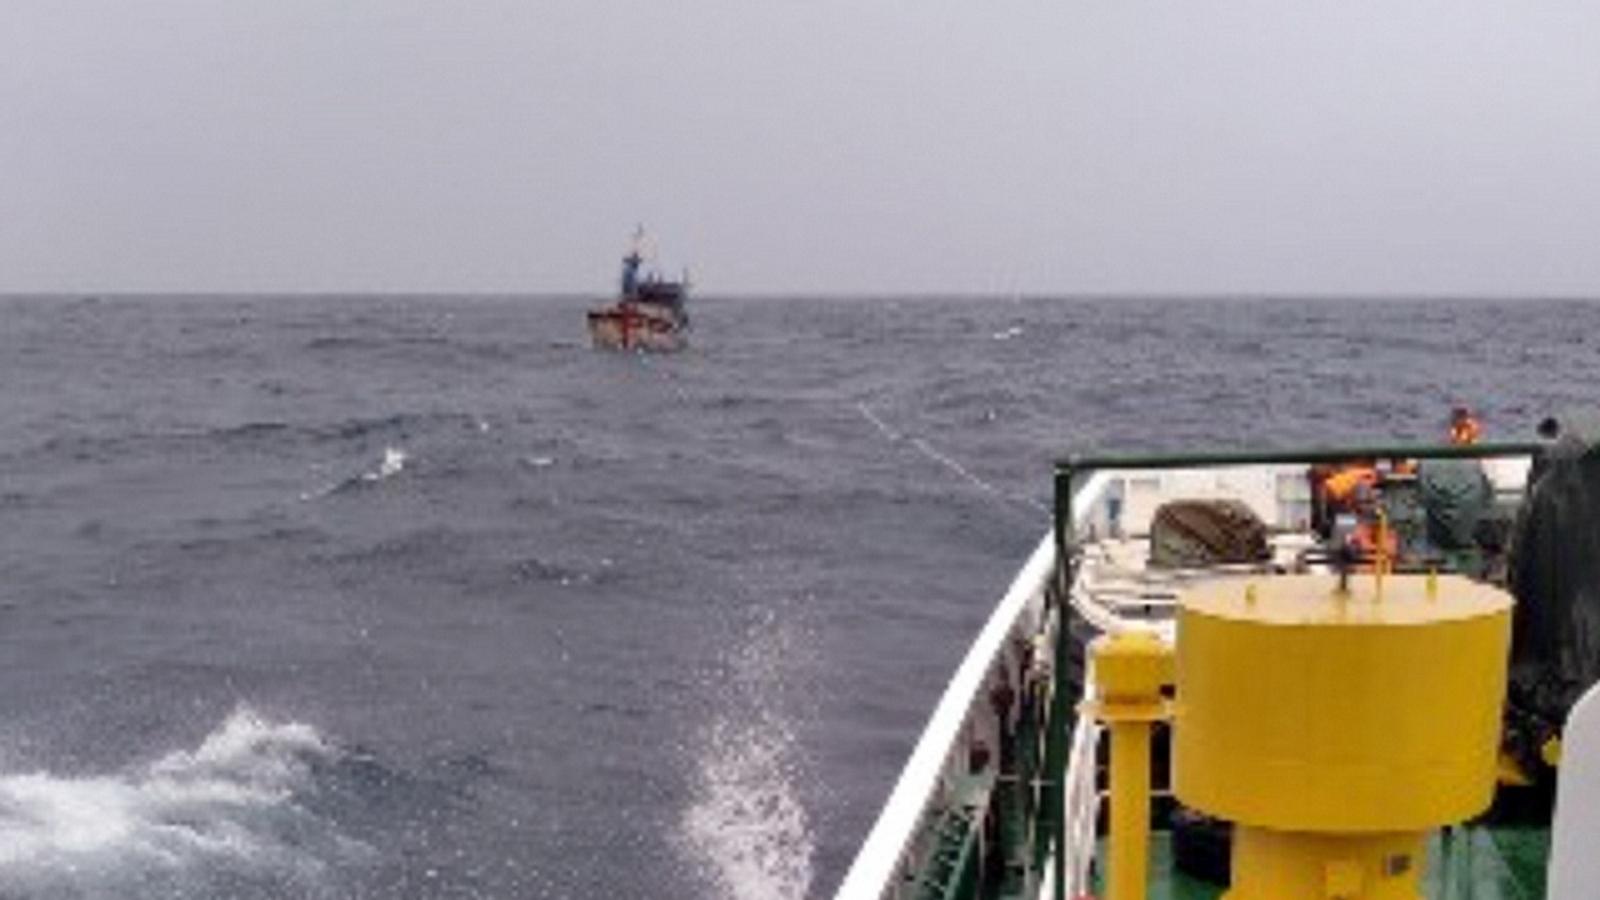 Cứu 3 ngư dân cùng tàu cá bị thả trôi trên biển